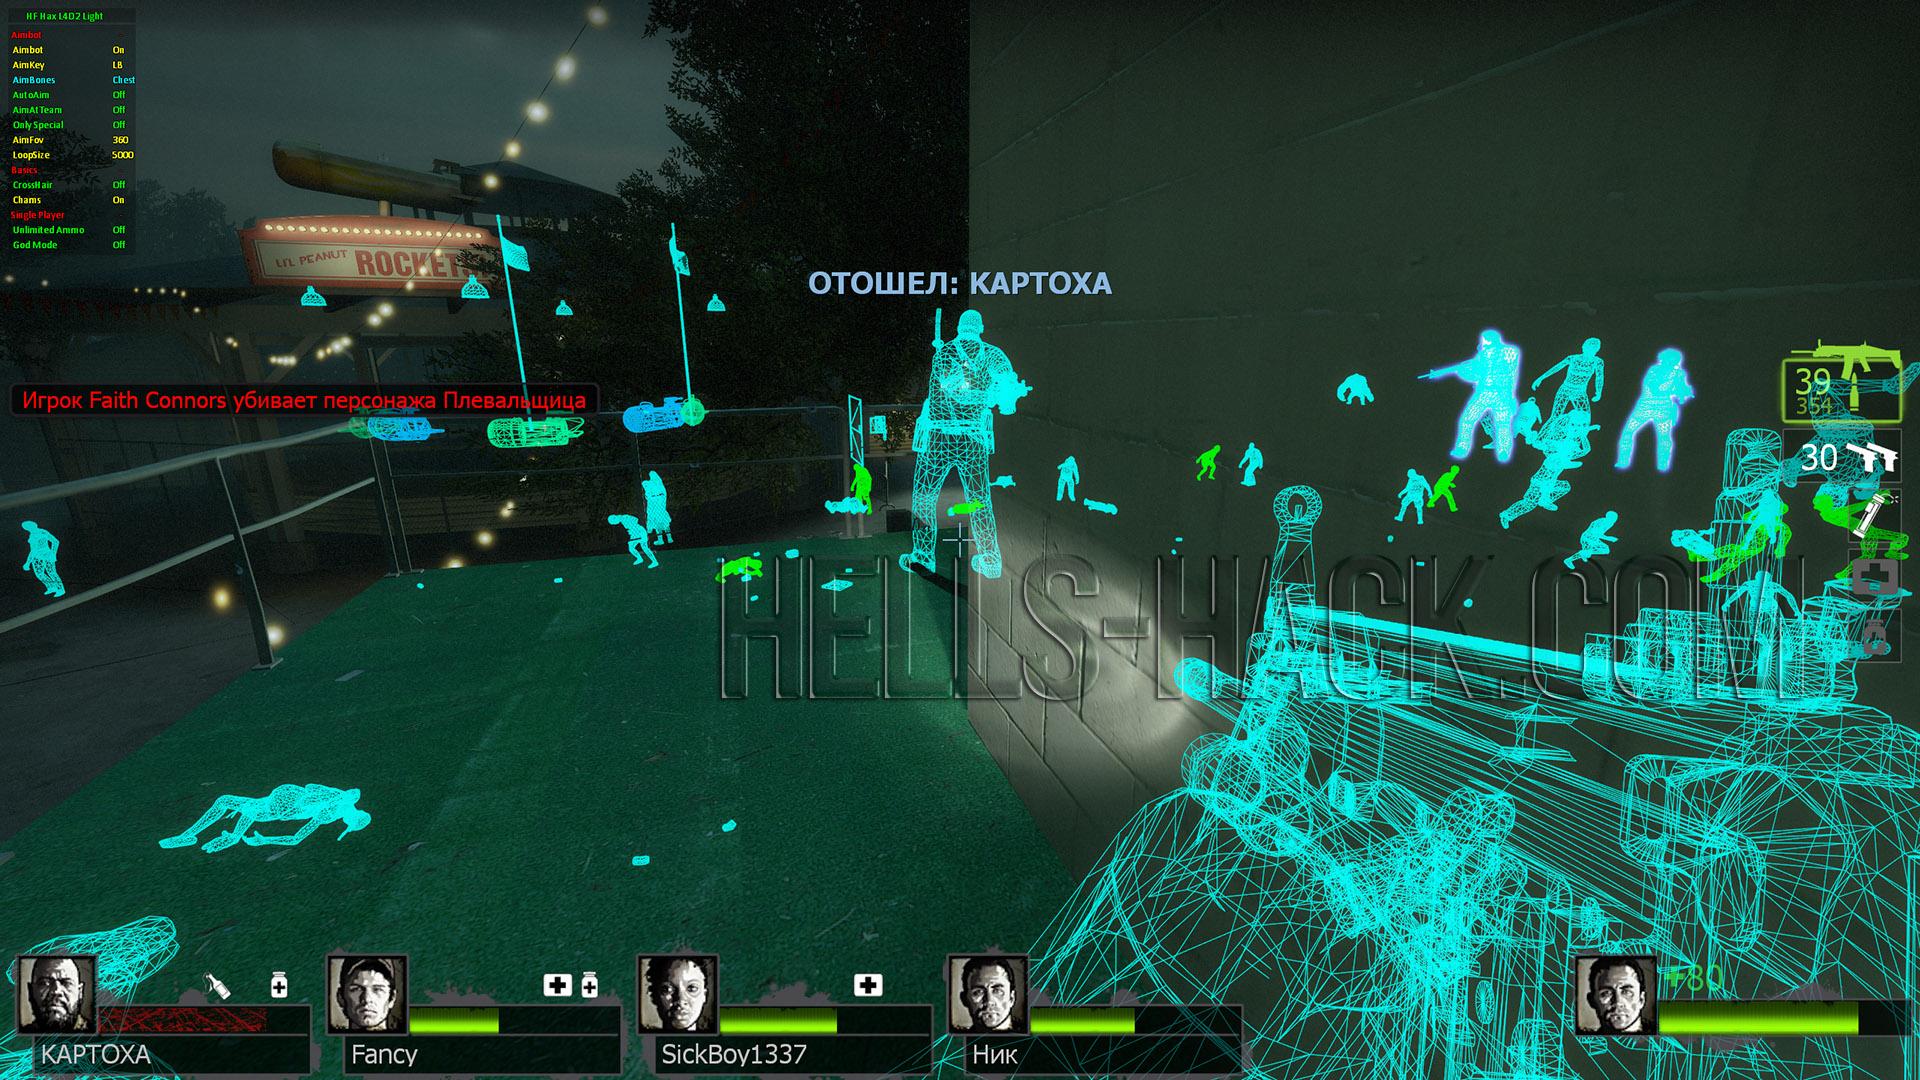 Скачать Чит для Left 4 Dead 2 Hack v2 (Aimbot,Chams,GodMode